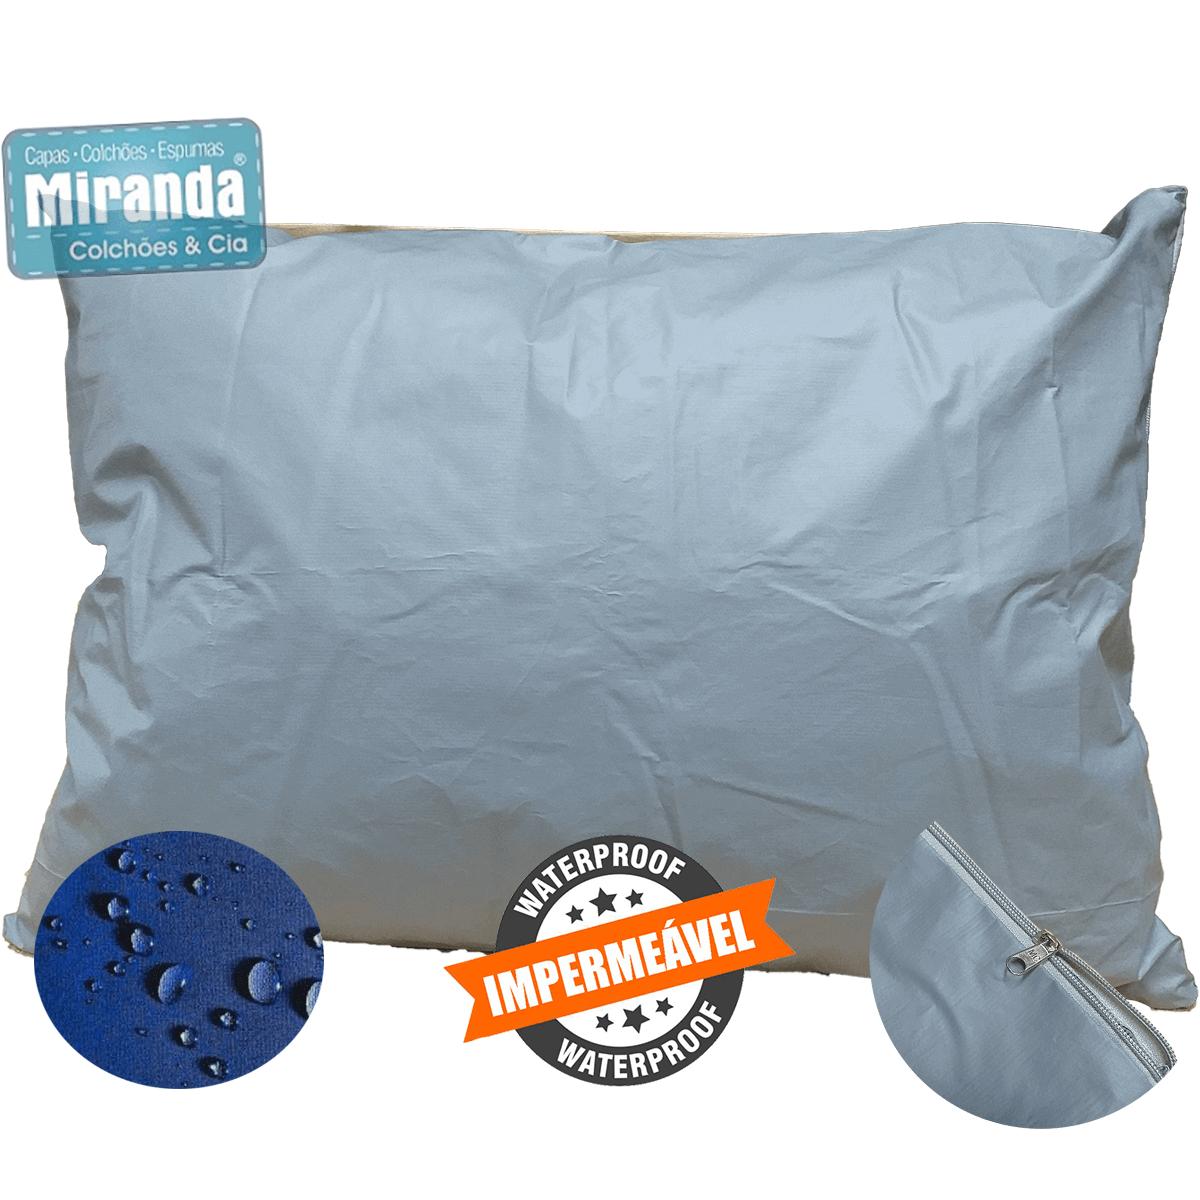 Kit 5 Capas Travesseiro 50 X 70 Hospitalar Impermeável Coloridas  - Miranda Colchões